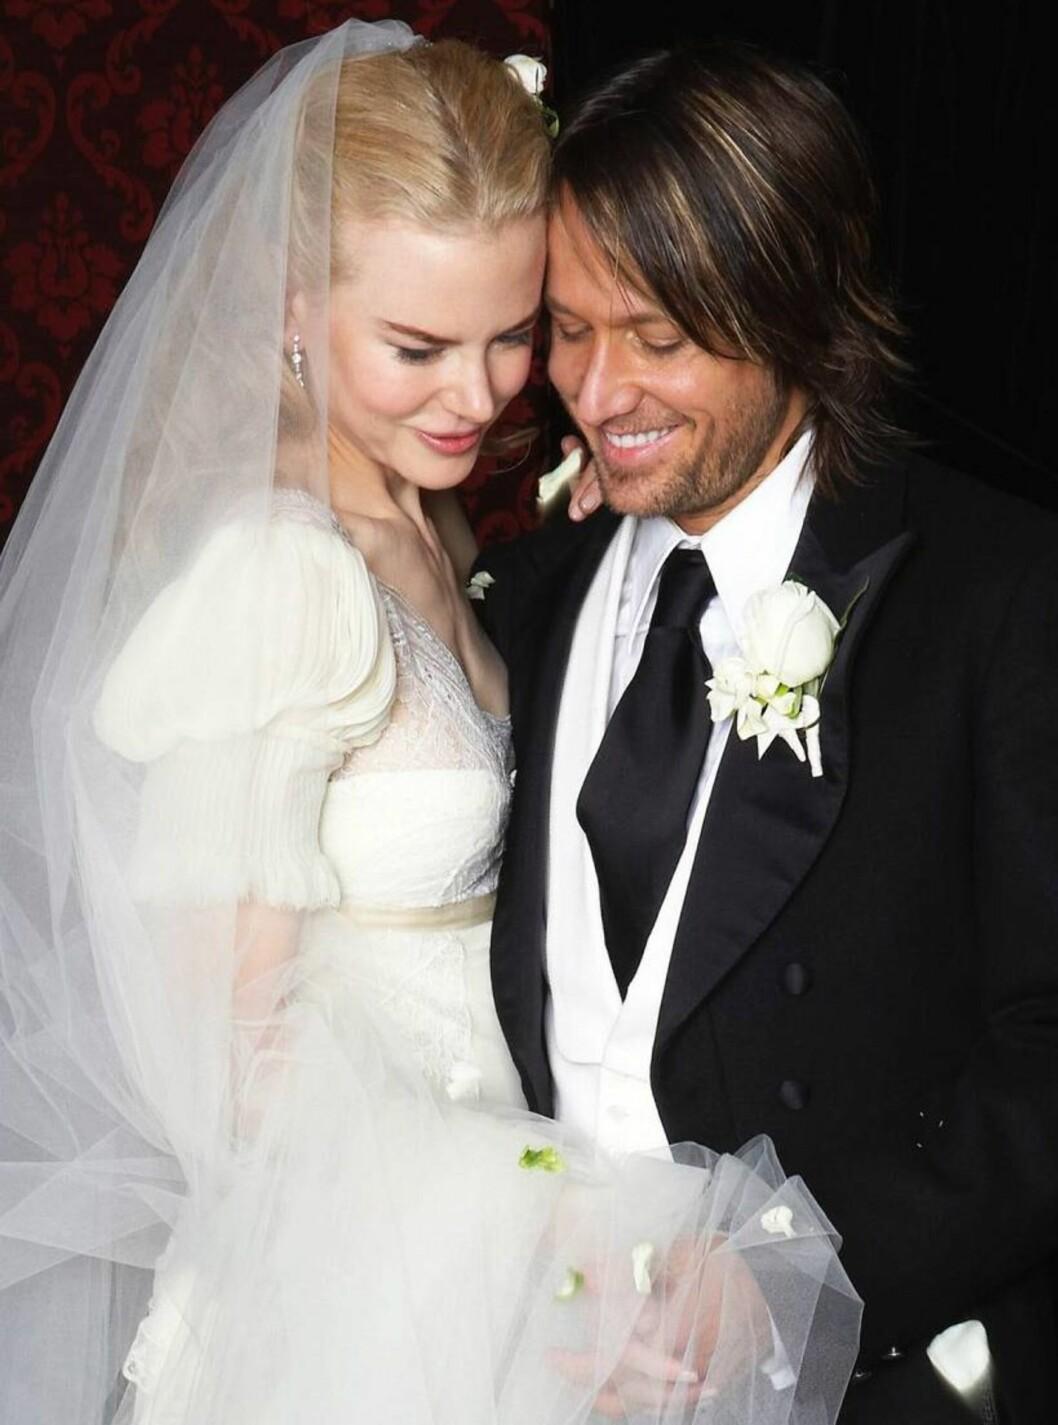 <strong>BRUDEBILDET:</strong> Nicoel og Keith ble gift i en storslahgen seremoni i hjemlandet Australia. Foto: AP/Scanpix